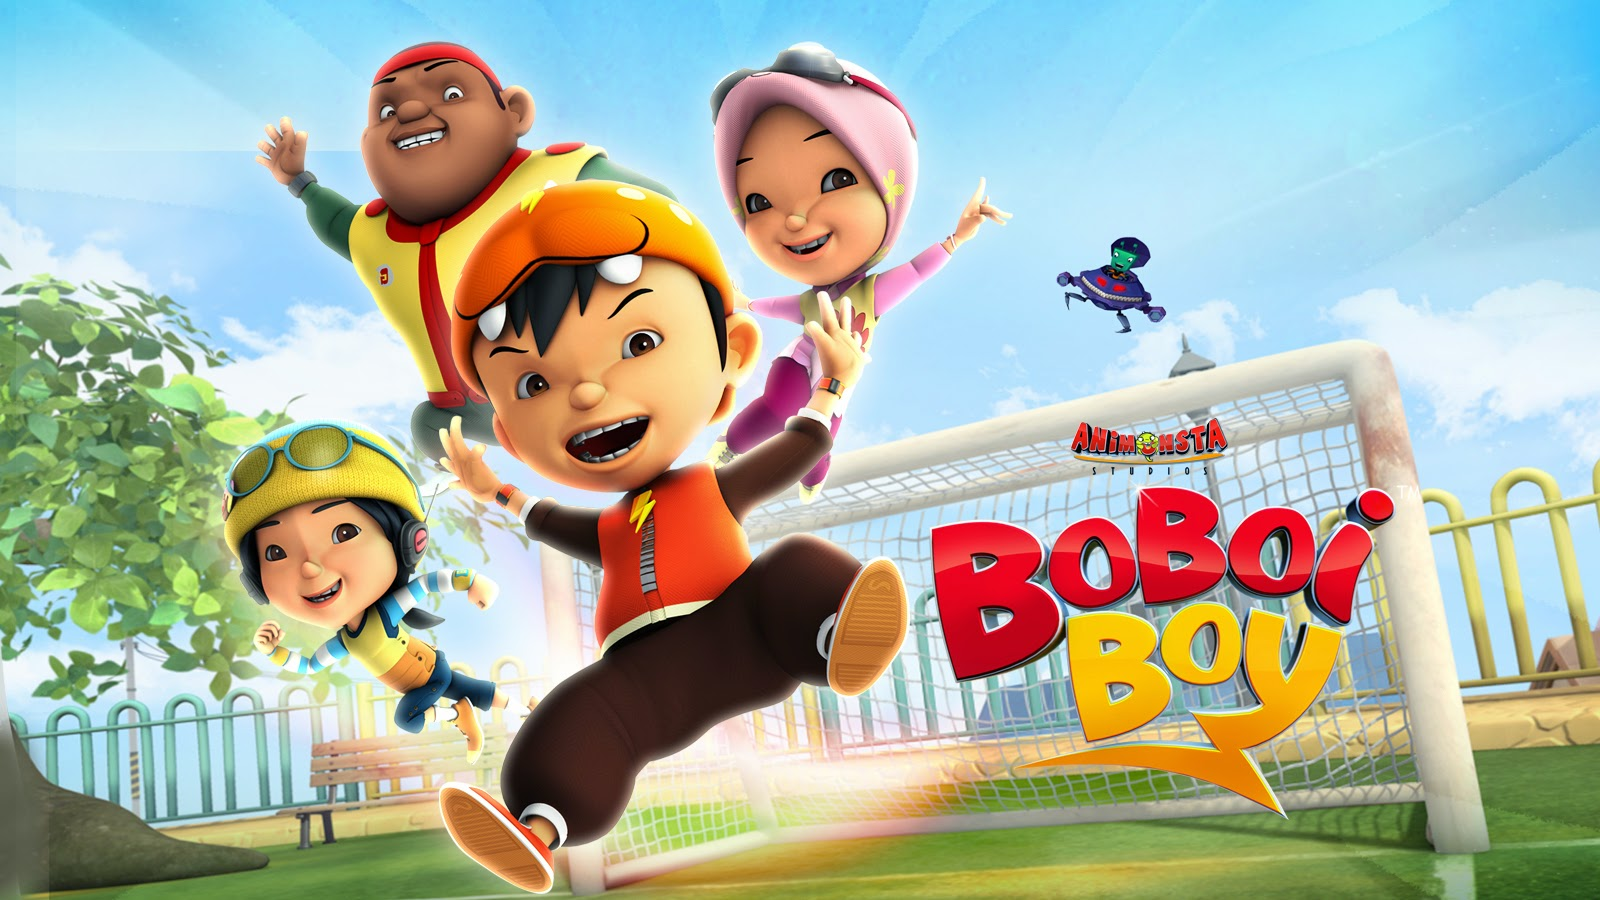 Wallpaper Gambar Kartun Boboi Boy Dunia Cerita Dan Game